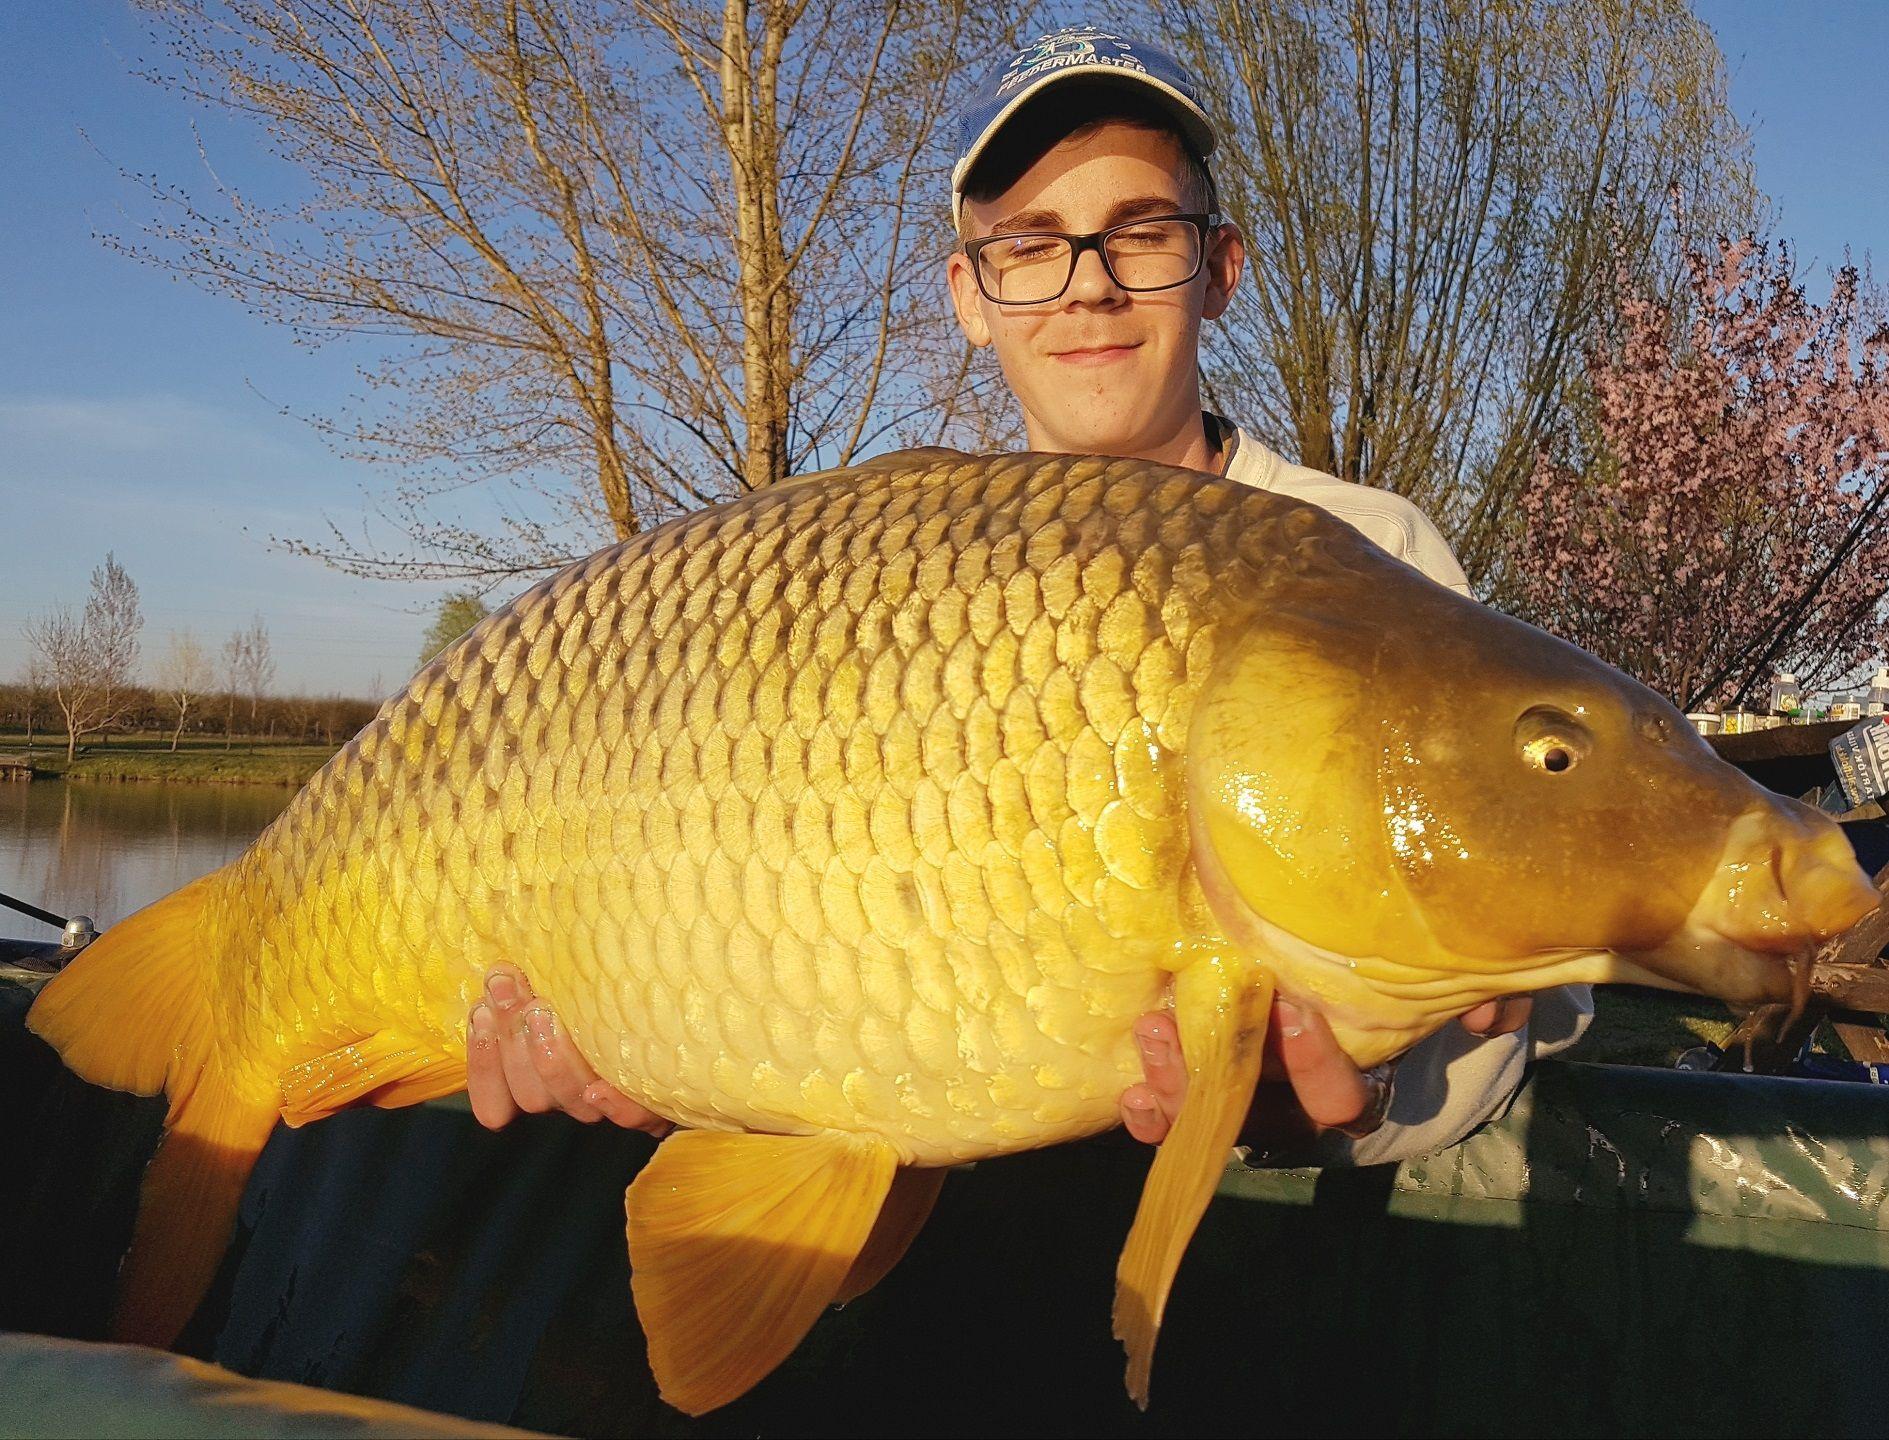 Azt hiszem bármelyik kezdő horgásztársam megirigyelhetné Bálint csodálatos fogását, egy 13,5 kilogrammos gyönyörű tőponty személyében!